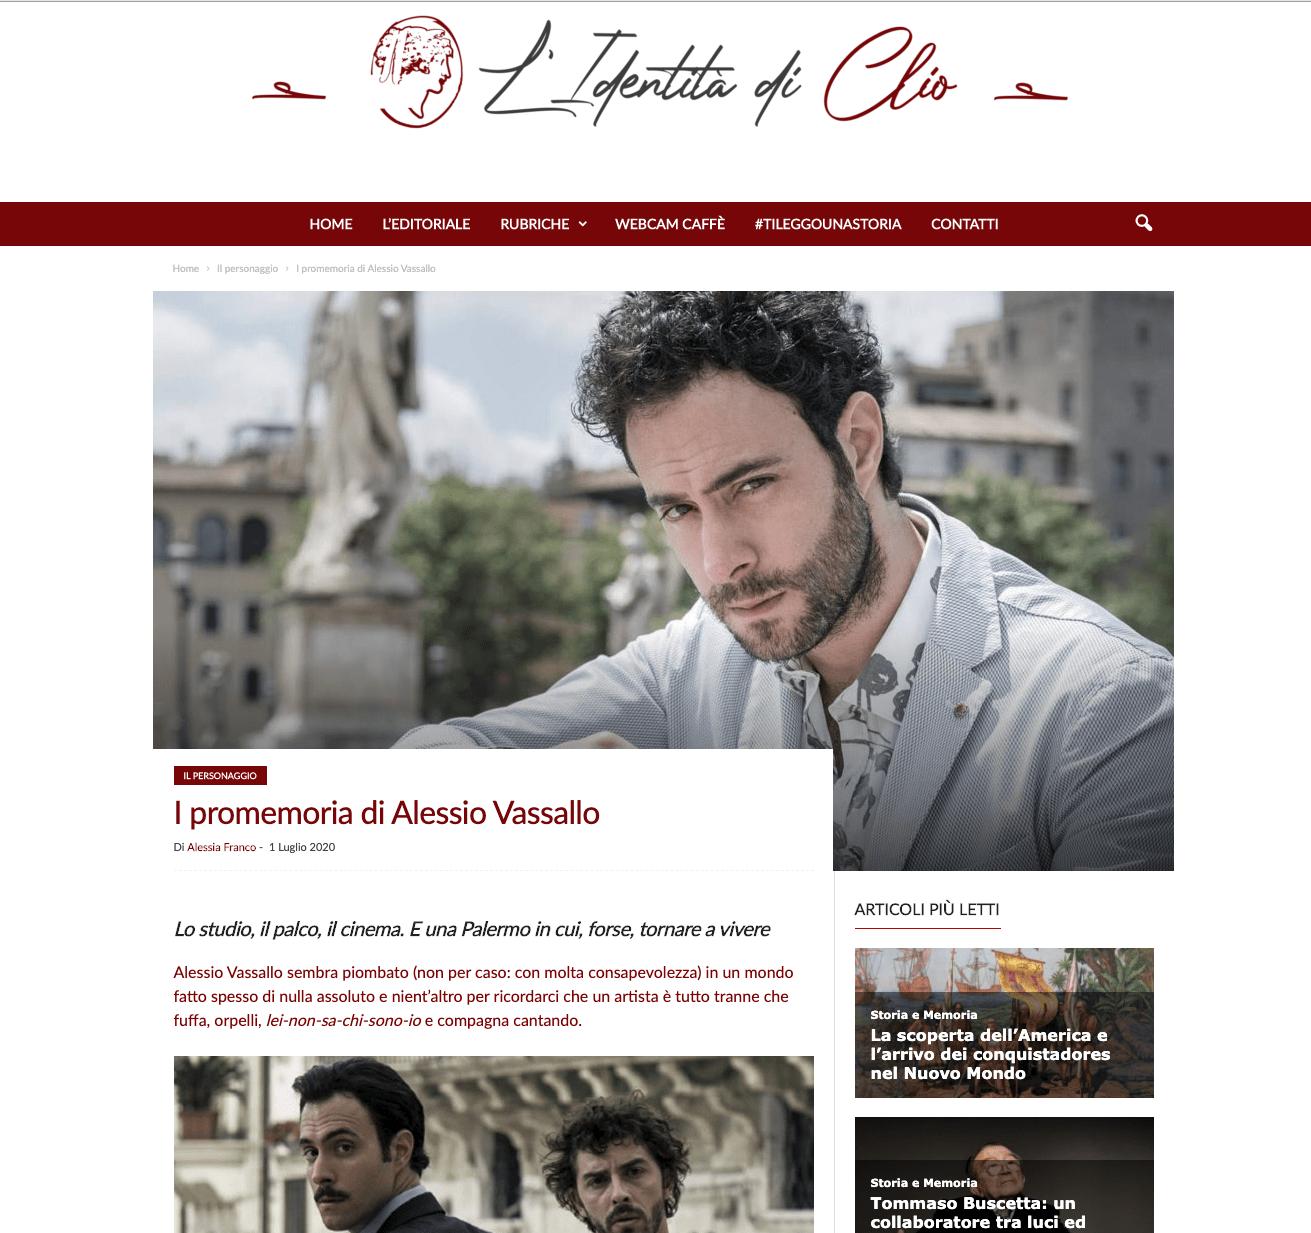 L'identità di Clio – I promemoria di Alessio Vassallo